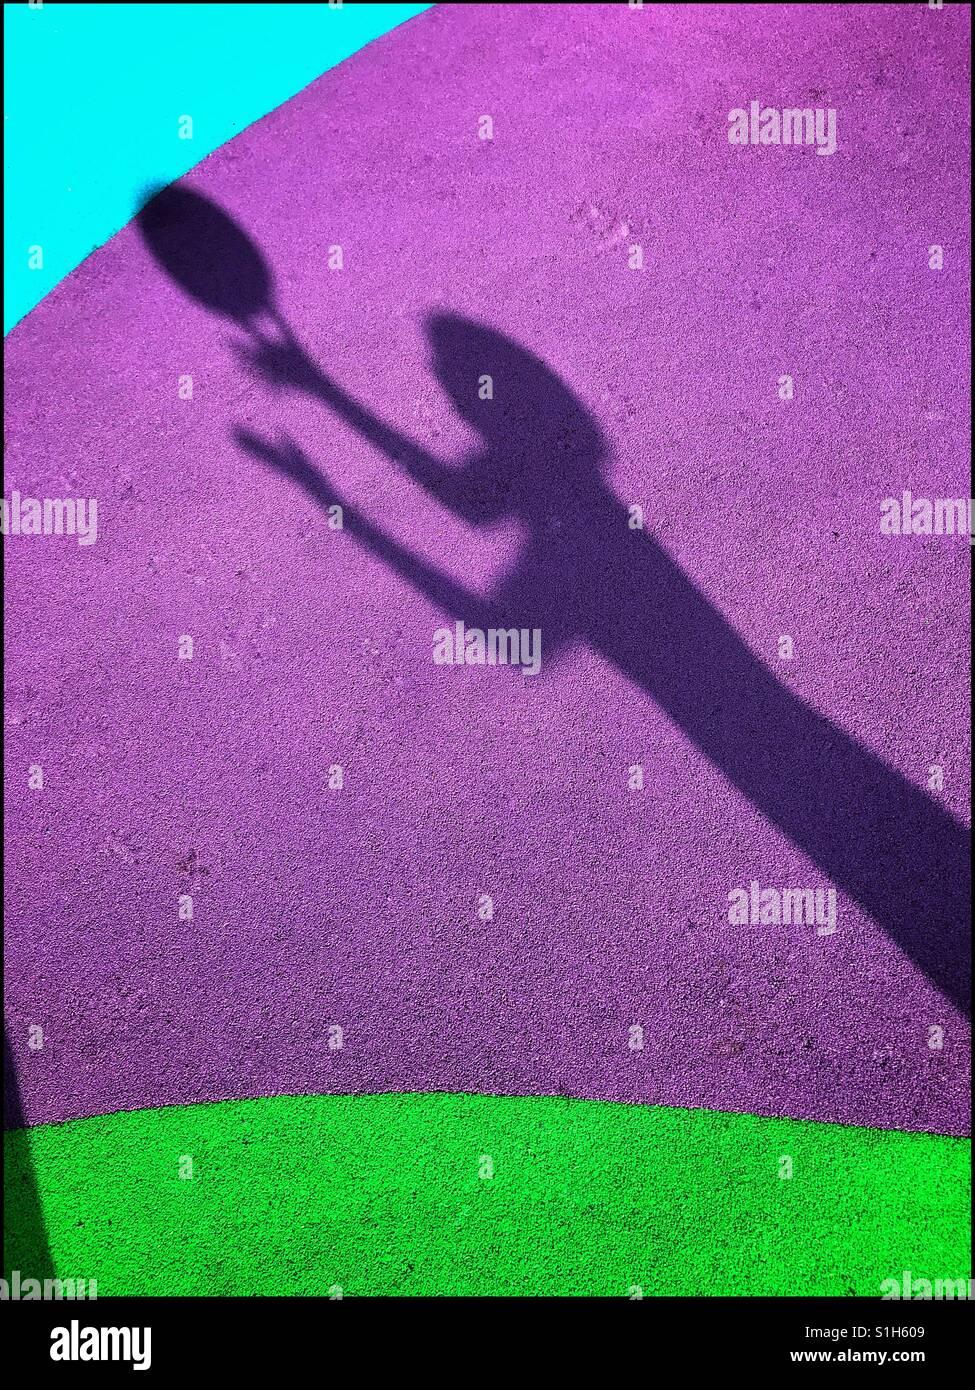 La sombra de un niño que está a punto de agarrar una pelota, es capturada en el fondo de los coloridos Imagen De Stock